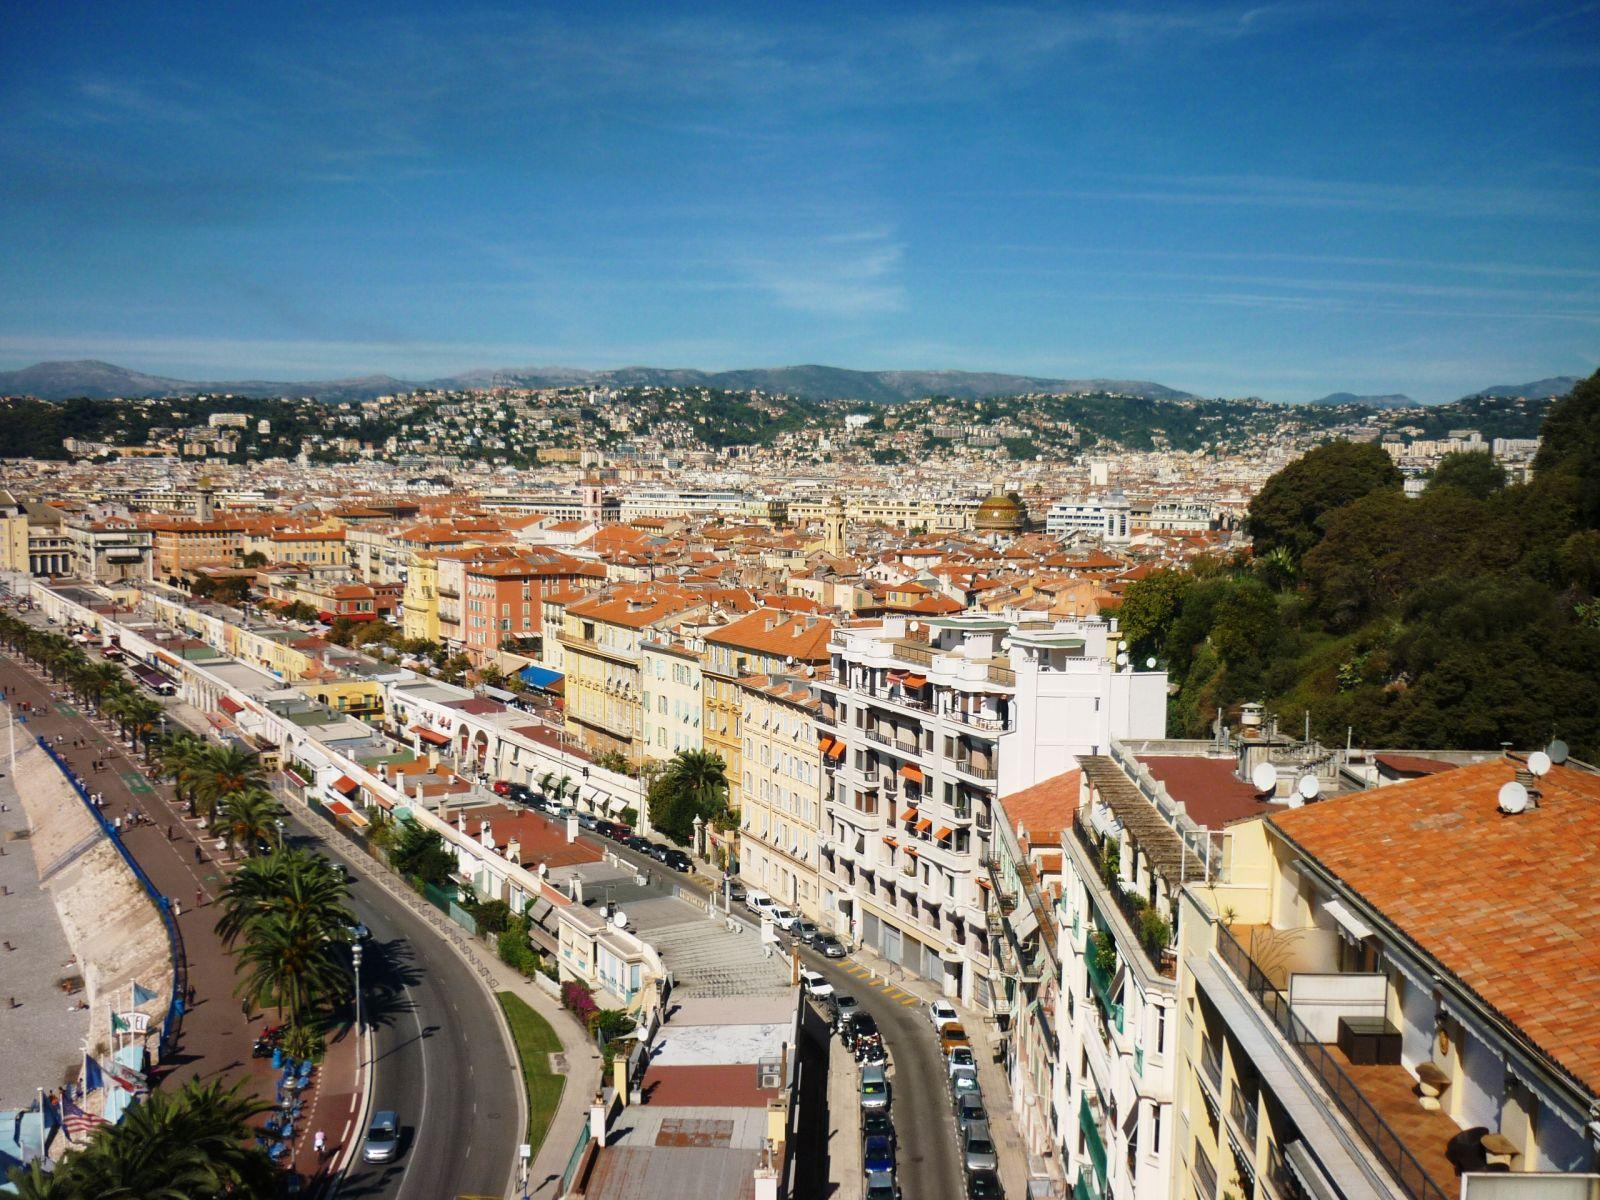 Як вибрати і купити нерухомість в Ніцці на Лазурному Березі